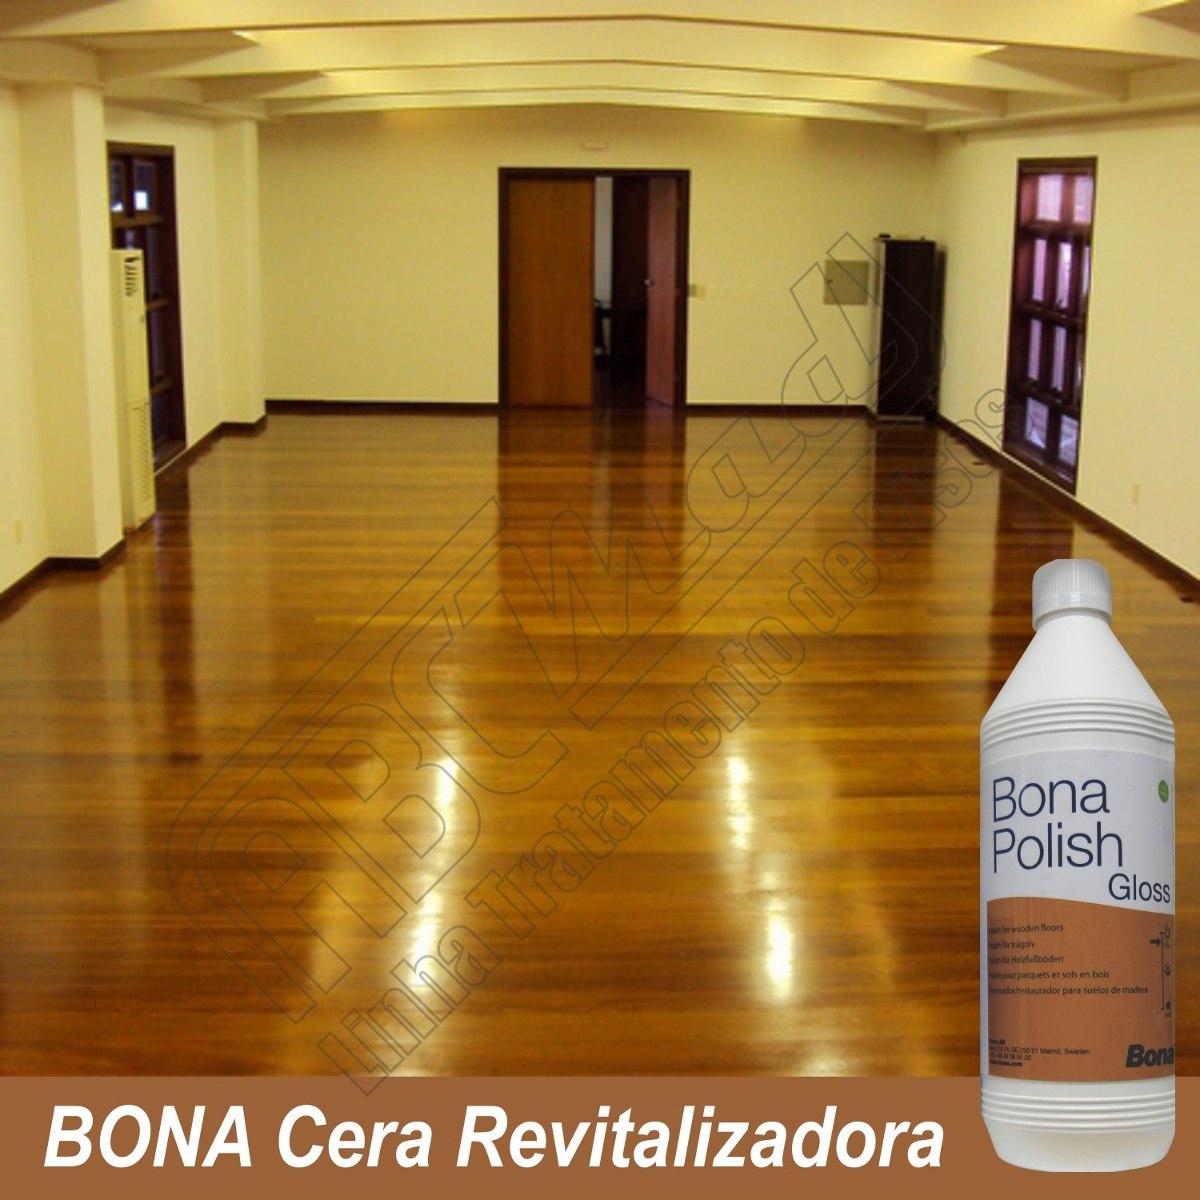 Bona Polish Brilhante Cera Revitaliza Renova Pisos Madeira R$ 105  #7A420A 1200x1200